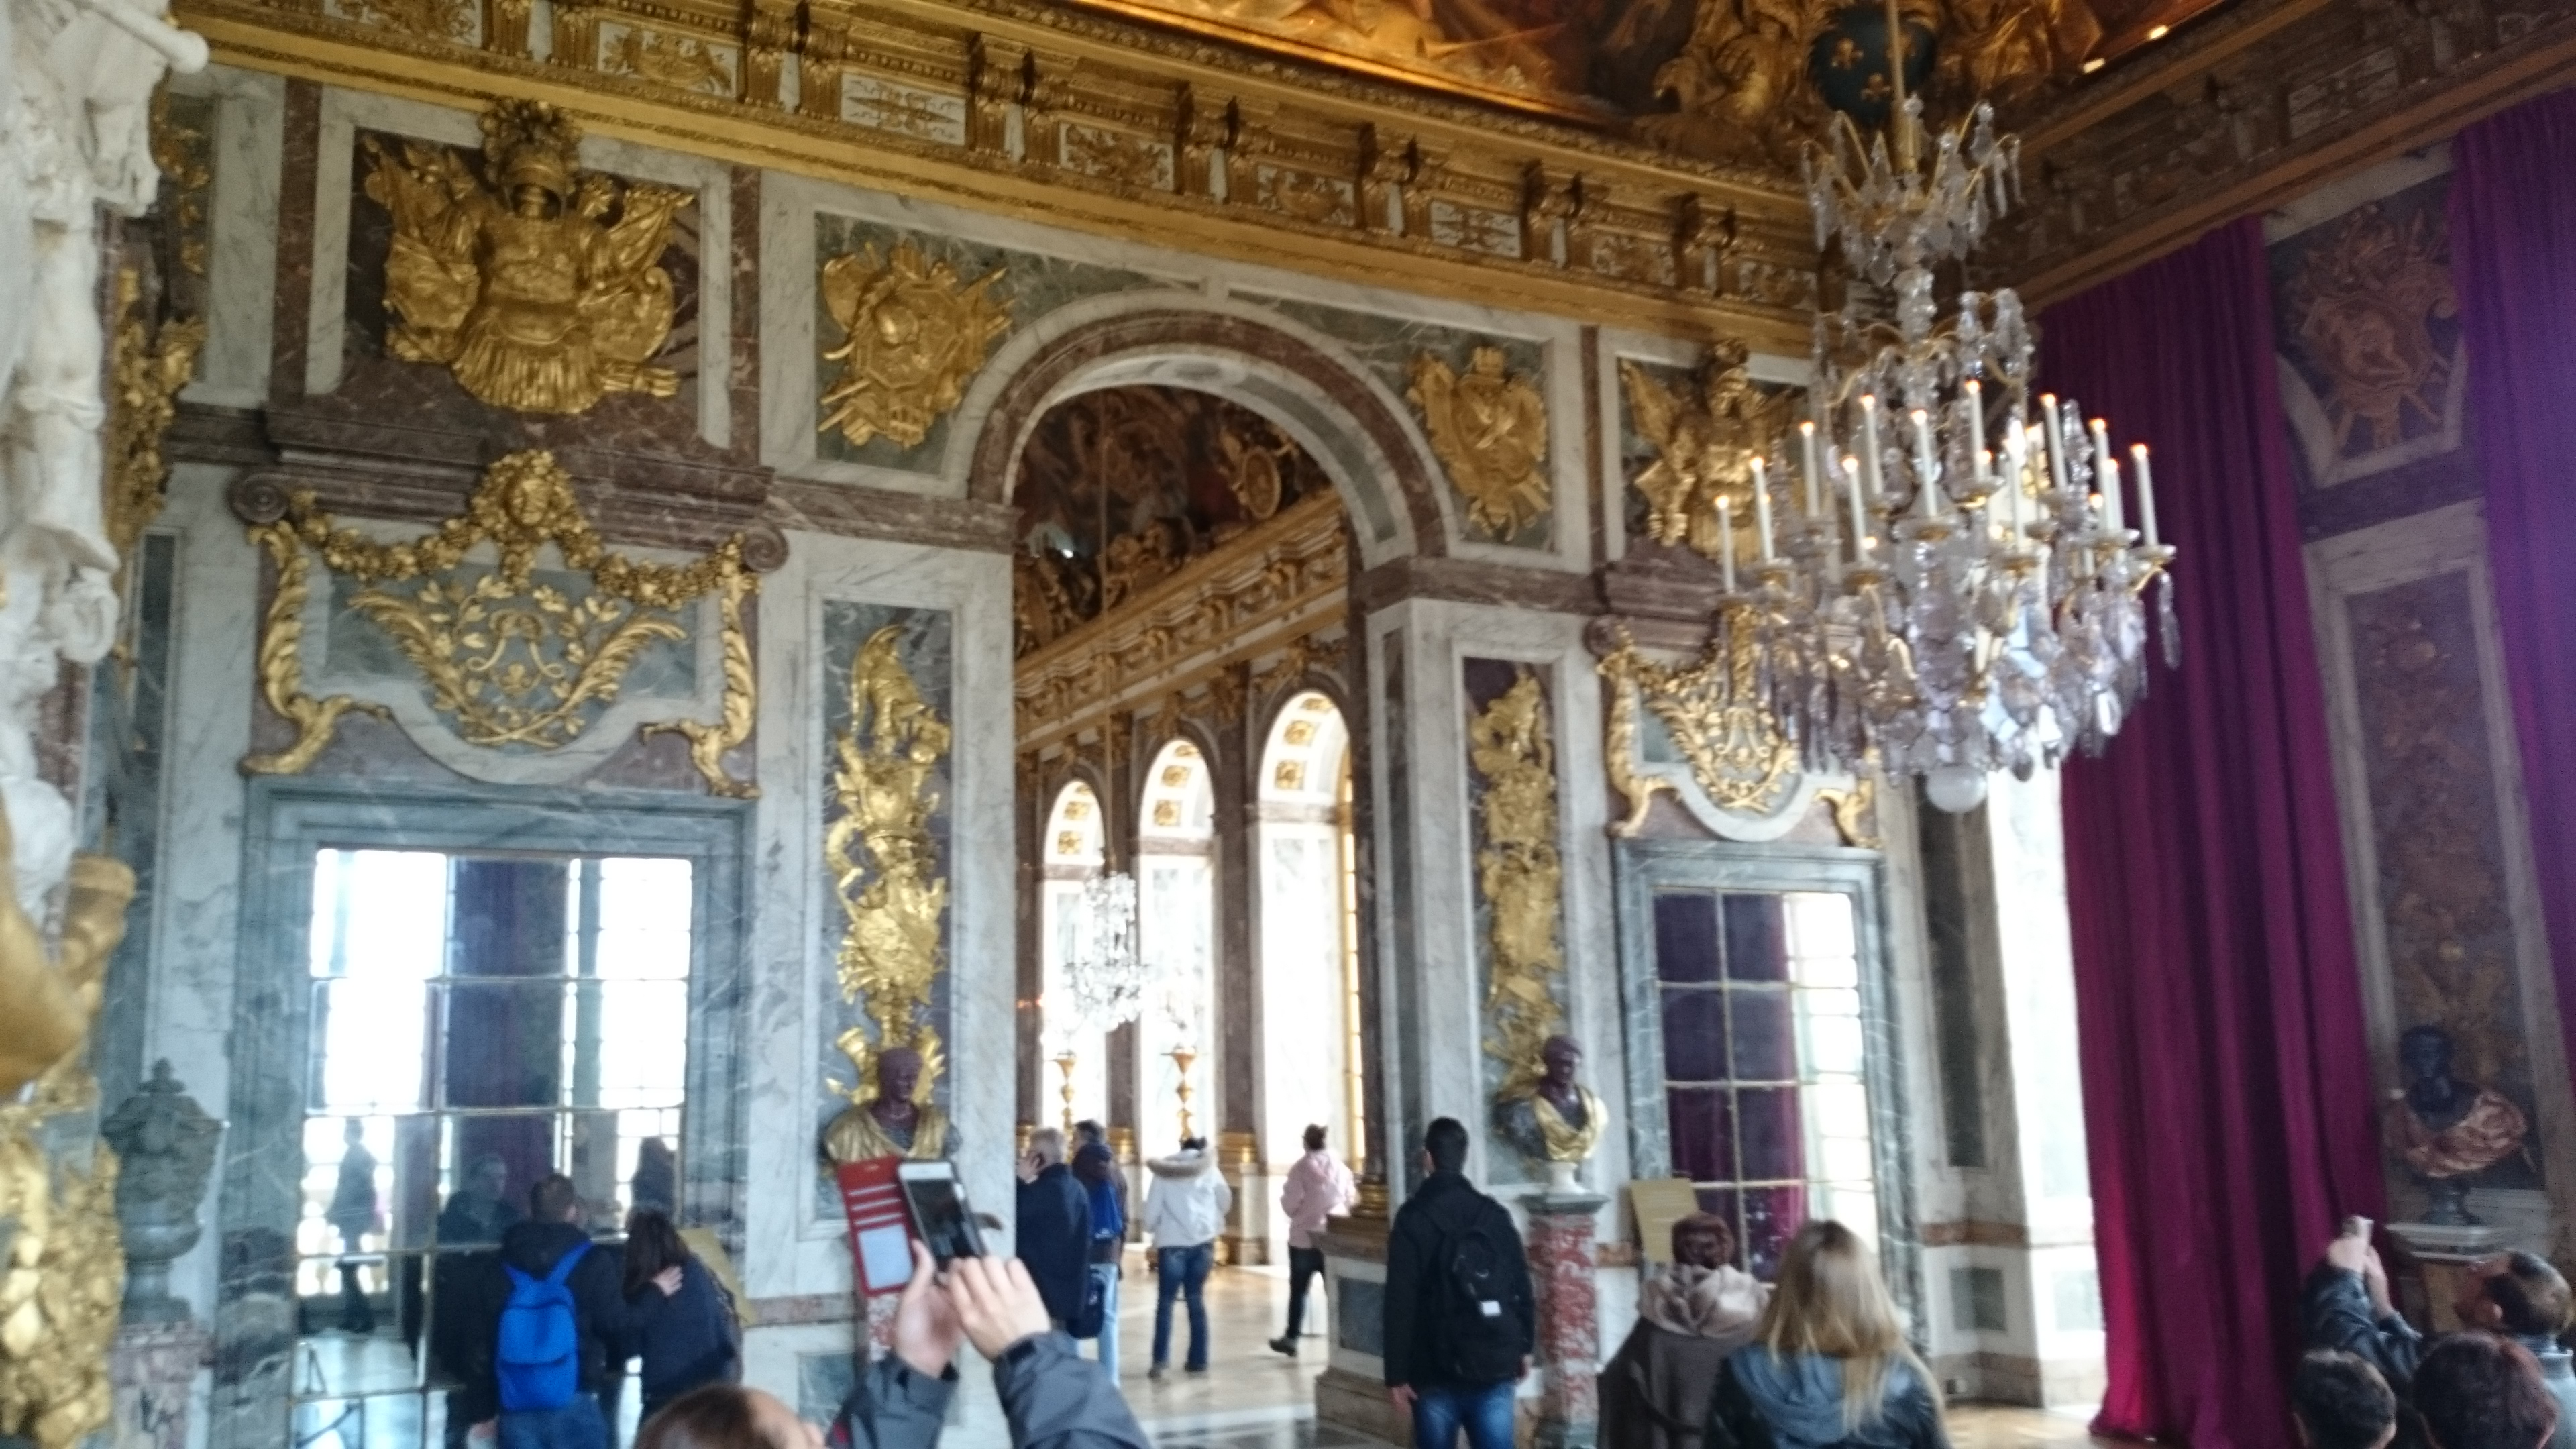 dsc 13611 - Visita al Palacio de Versalles: Como ir, cuanto cuesta y tips III/III